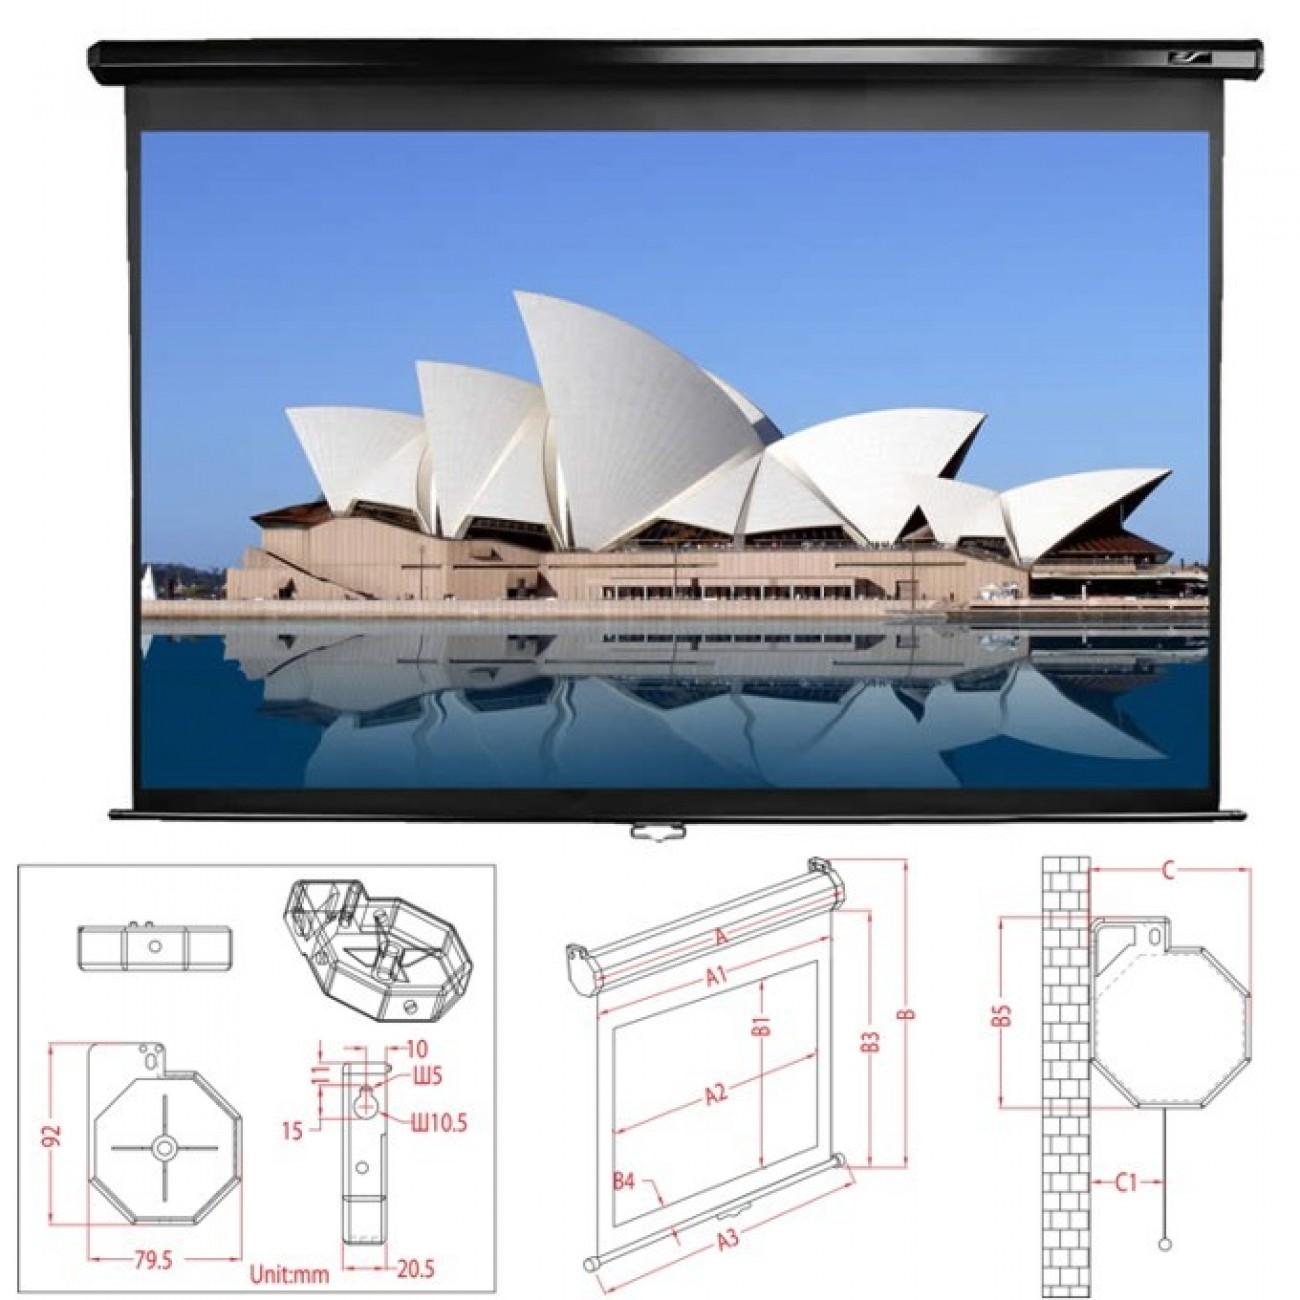 Екран Elite Screens 119 (302.26 cm), 213.36 x 213.36 cm ползваема площ, окачване на стена/таван, 2г. в Екрани за проектори -  | Alleop